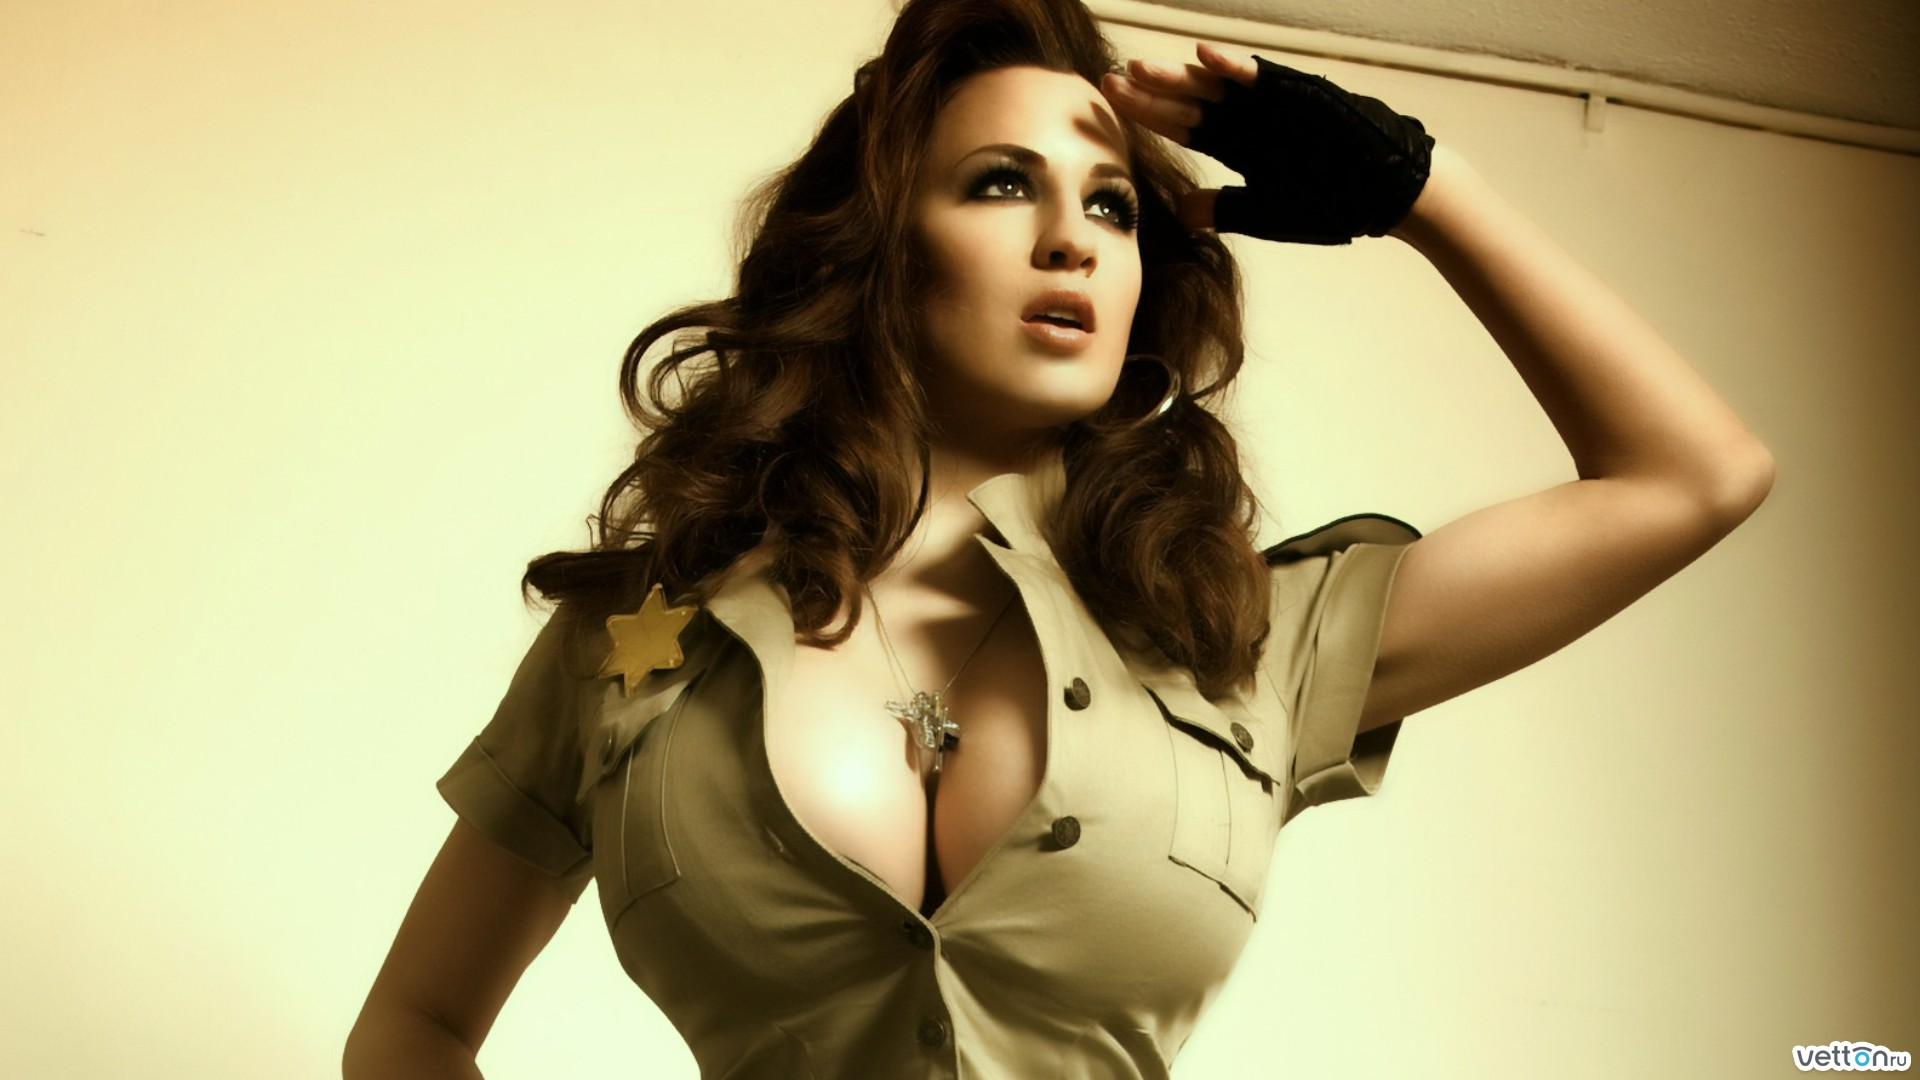 Фото девушек з великой грудю 14 фотография